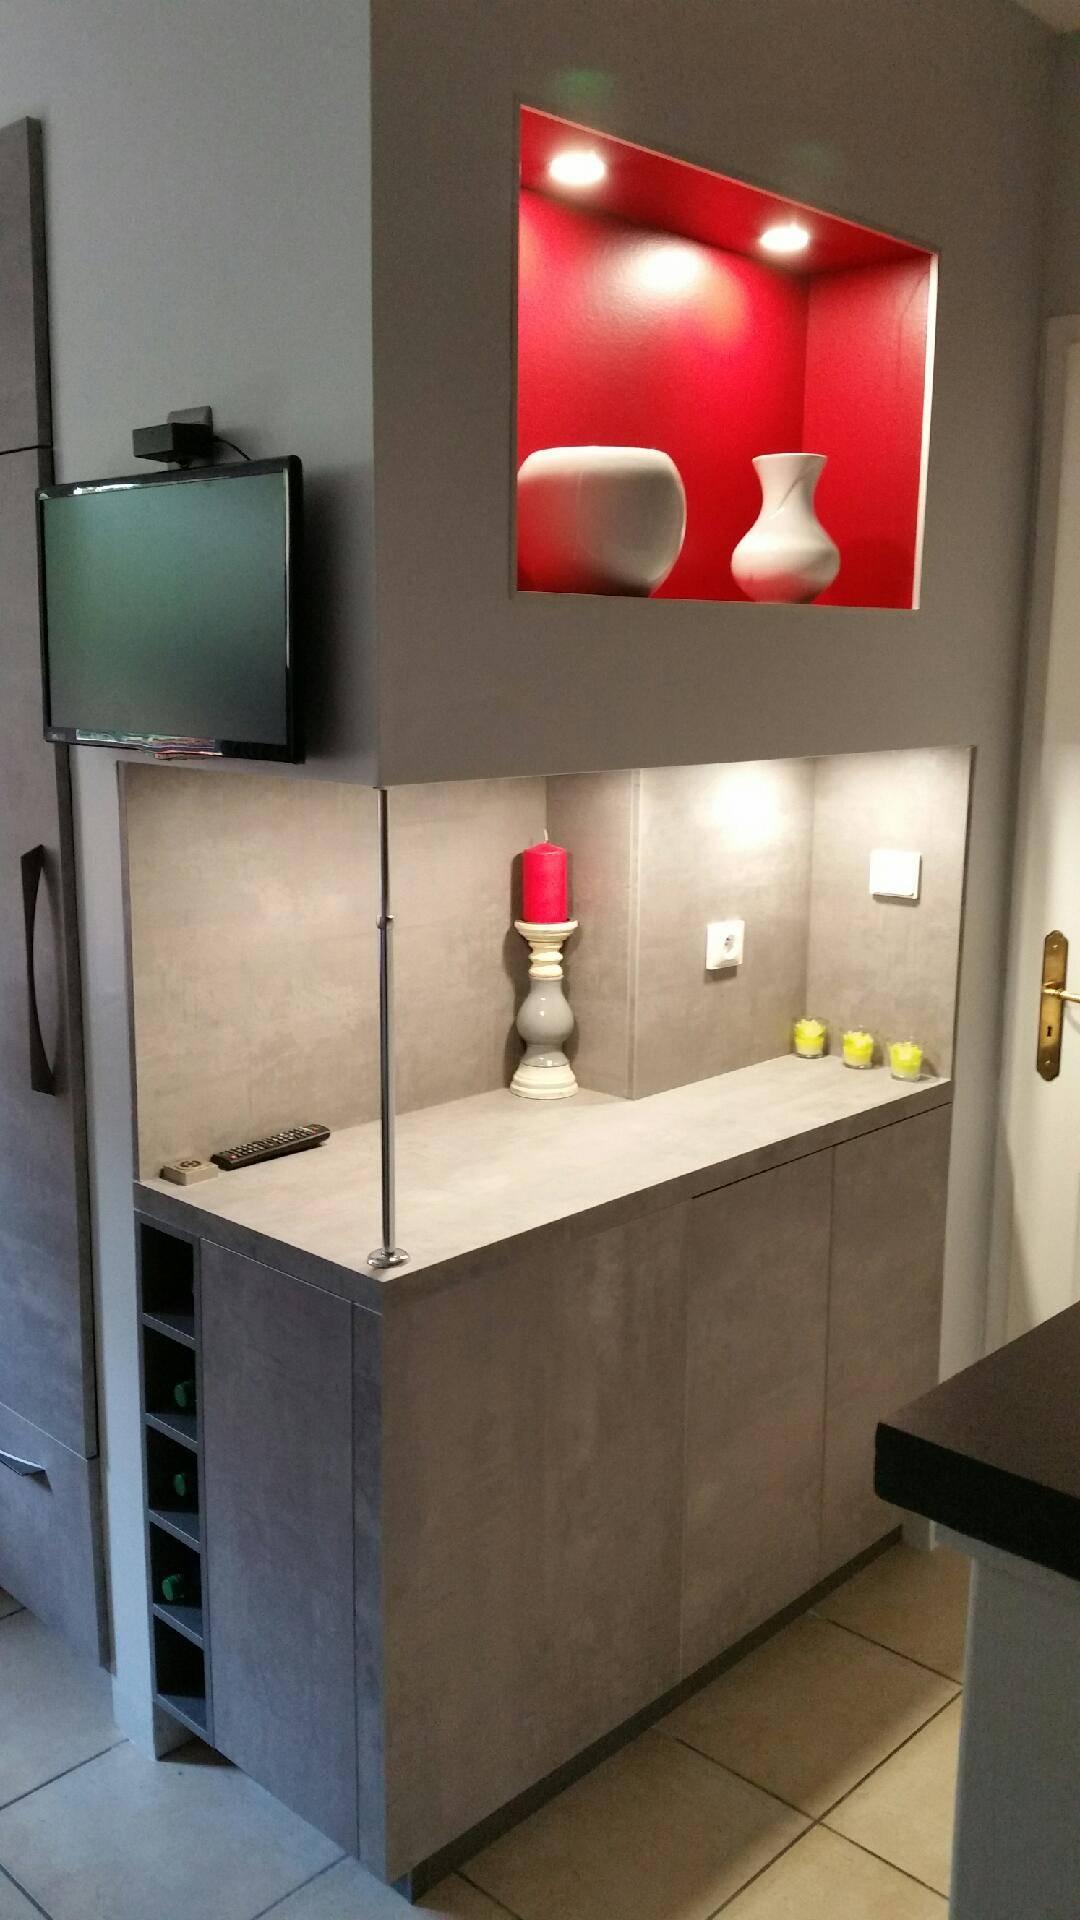 cuisine allemande sur mesure effet b ton st eulalie conception de cuisines allemandes. Black Bedroom Furniture Sets. Home Design Ideas